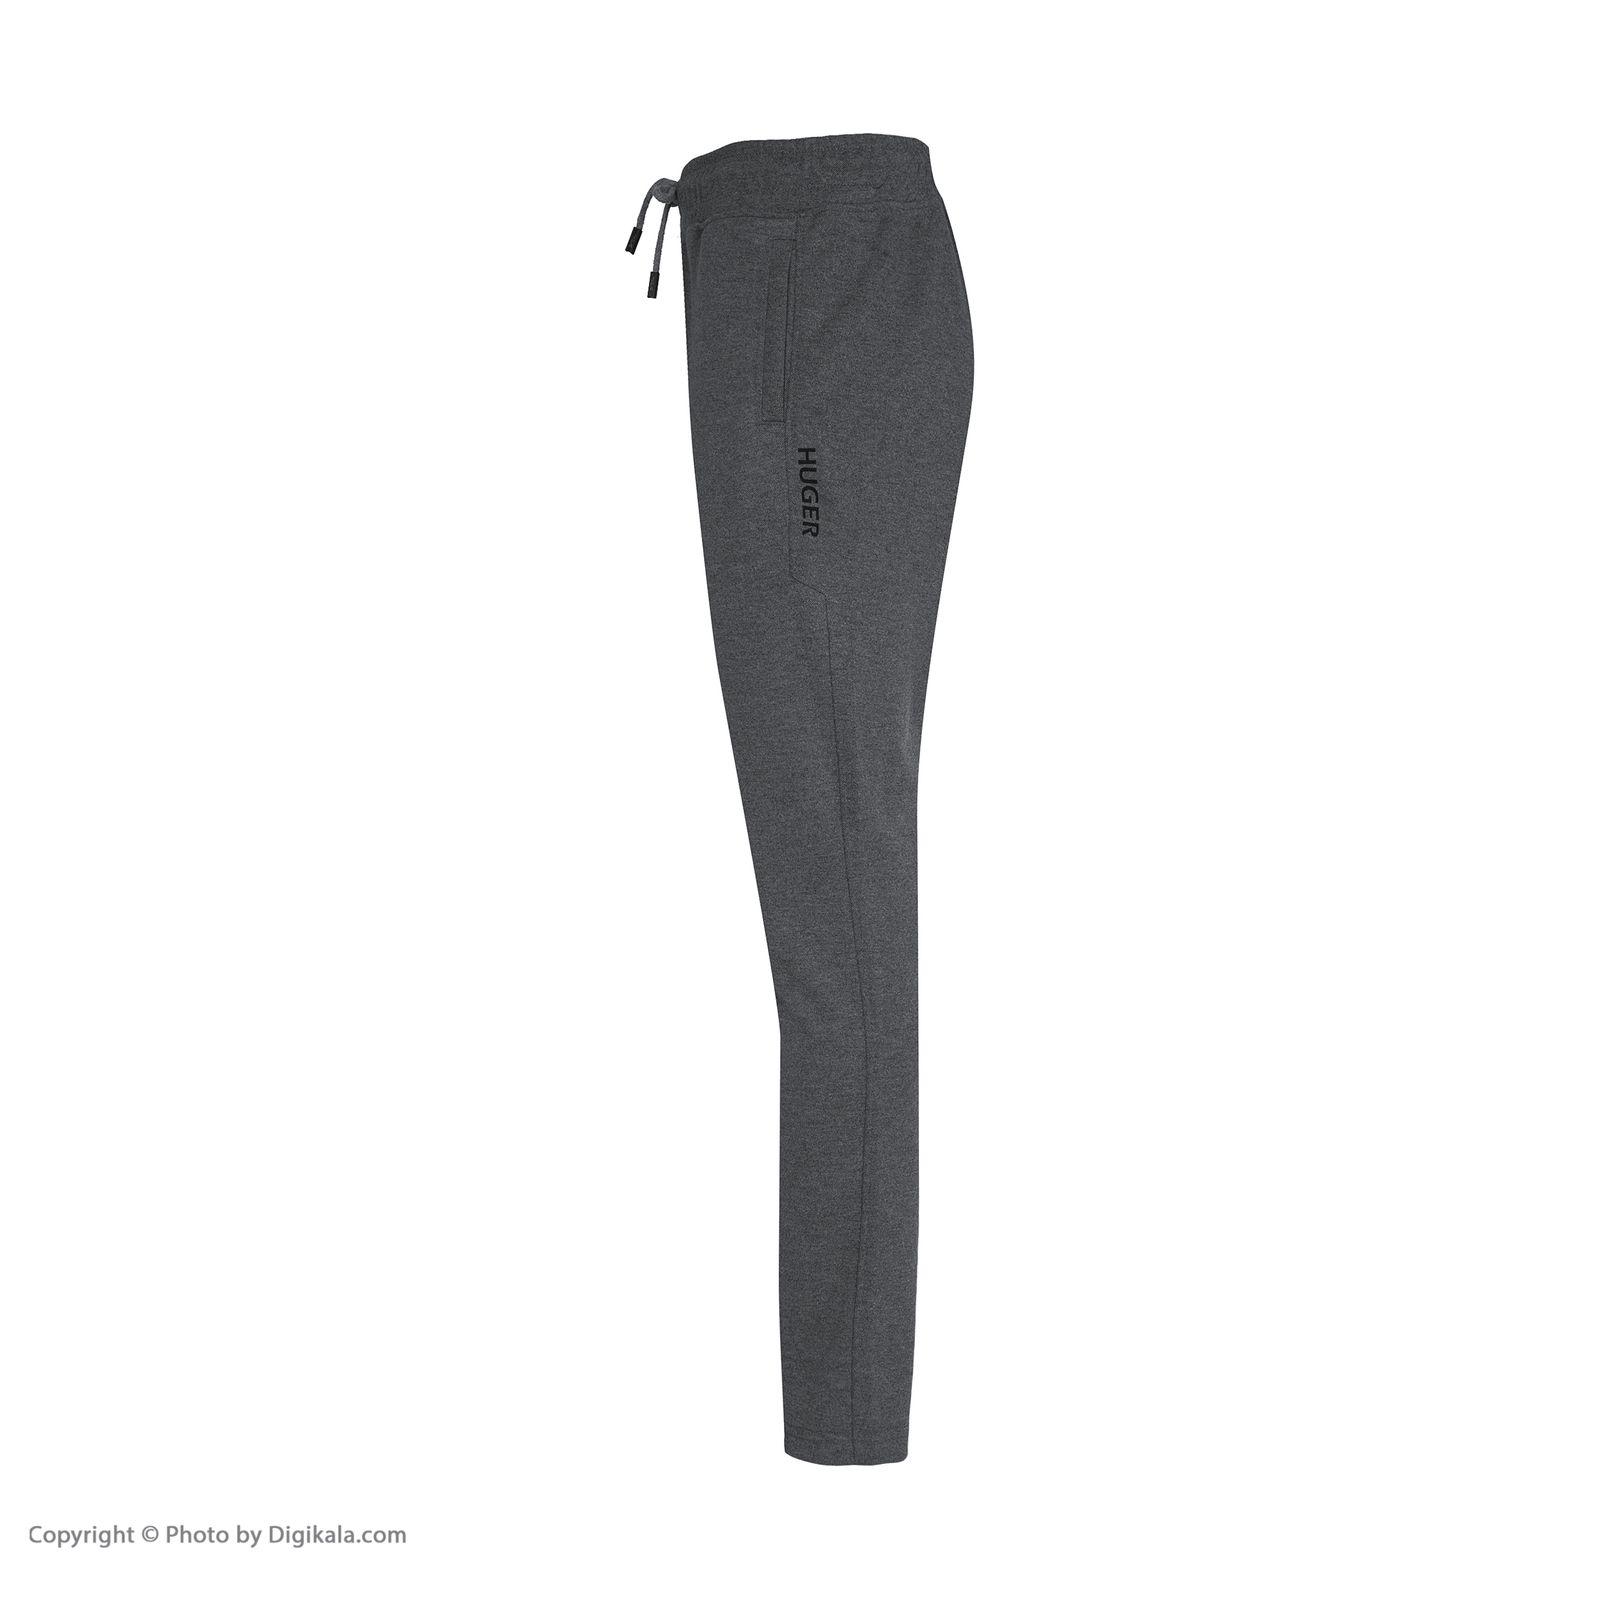 شلوار ورزشی مردانه جامه پوش آرا مدل 4121009293-92 -  - 4